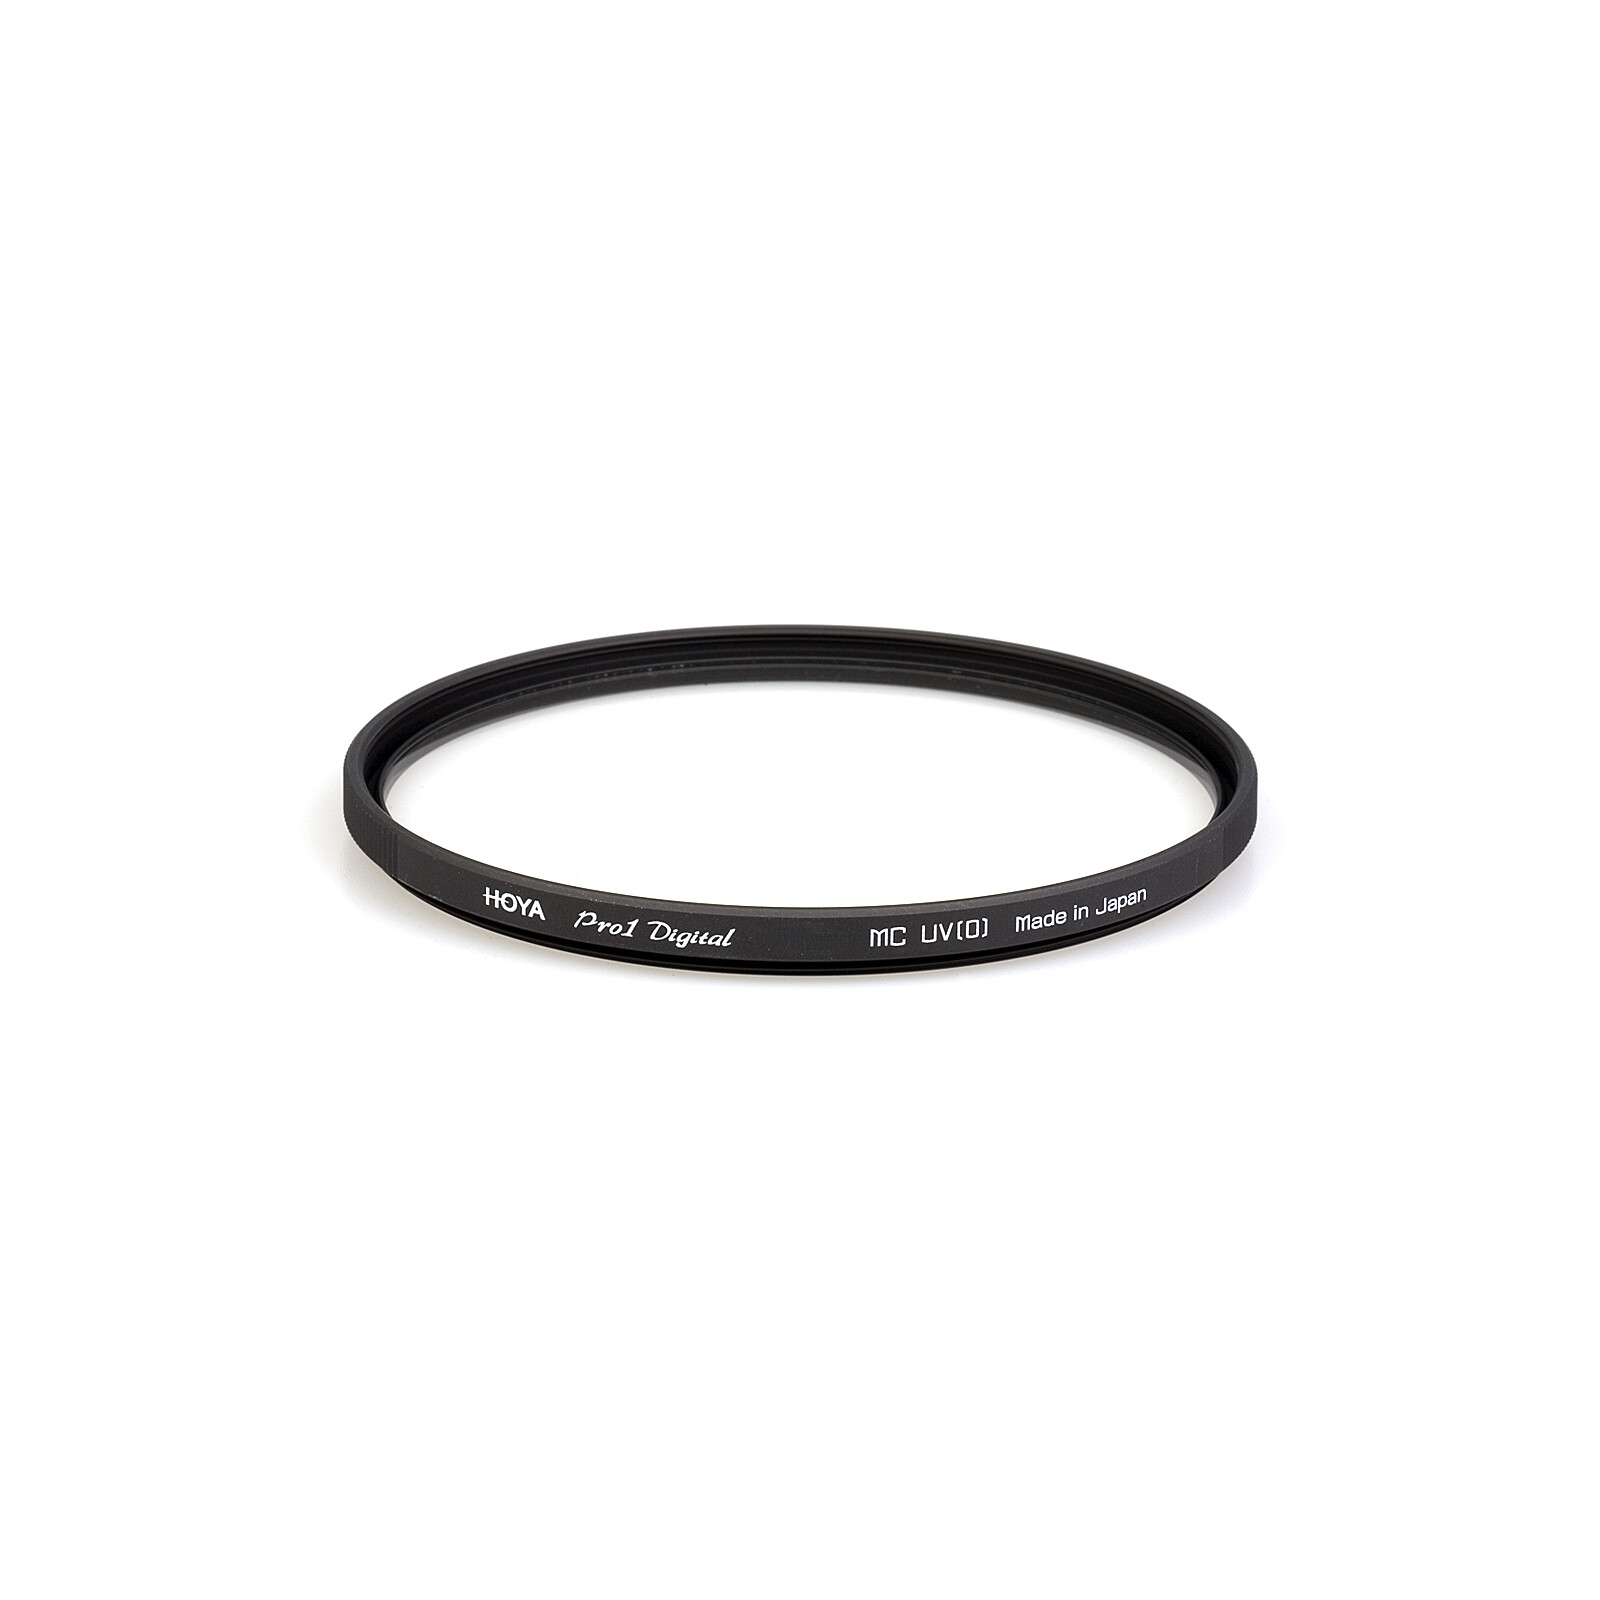 Hoya UV PRO1-DG 55mm